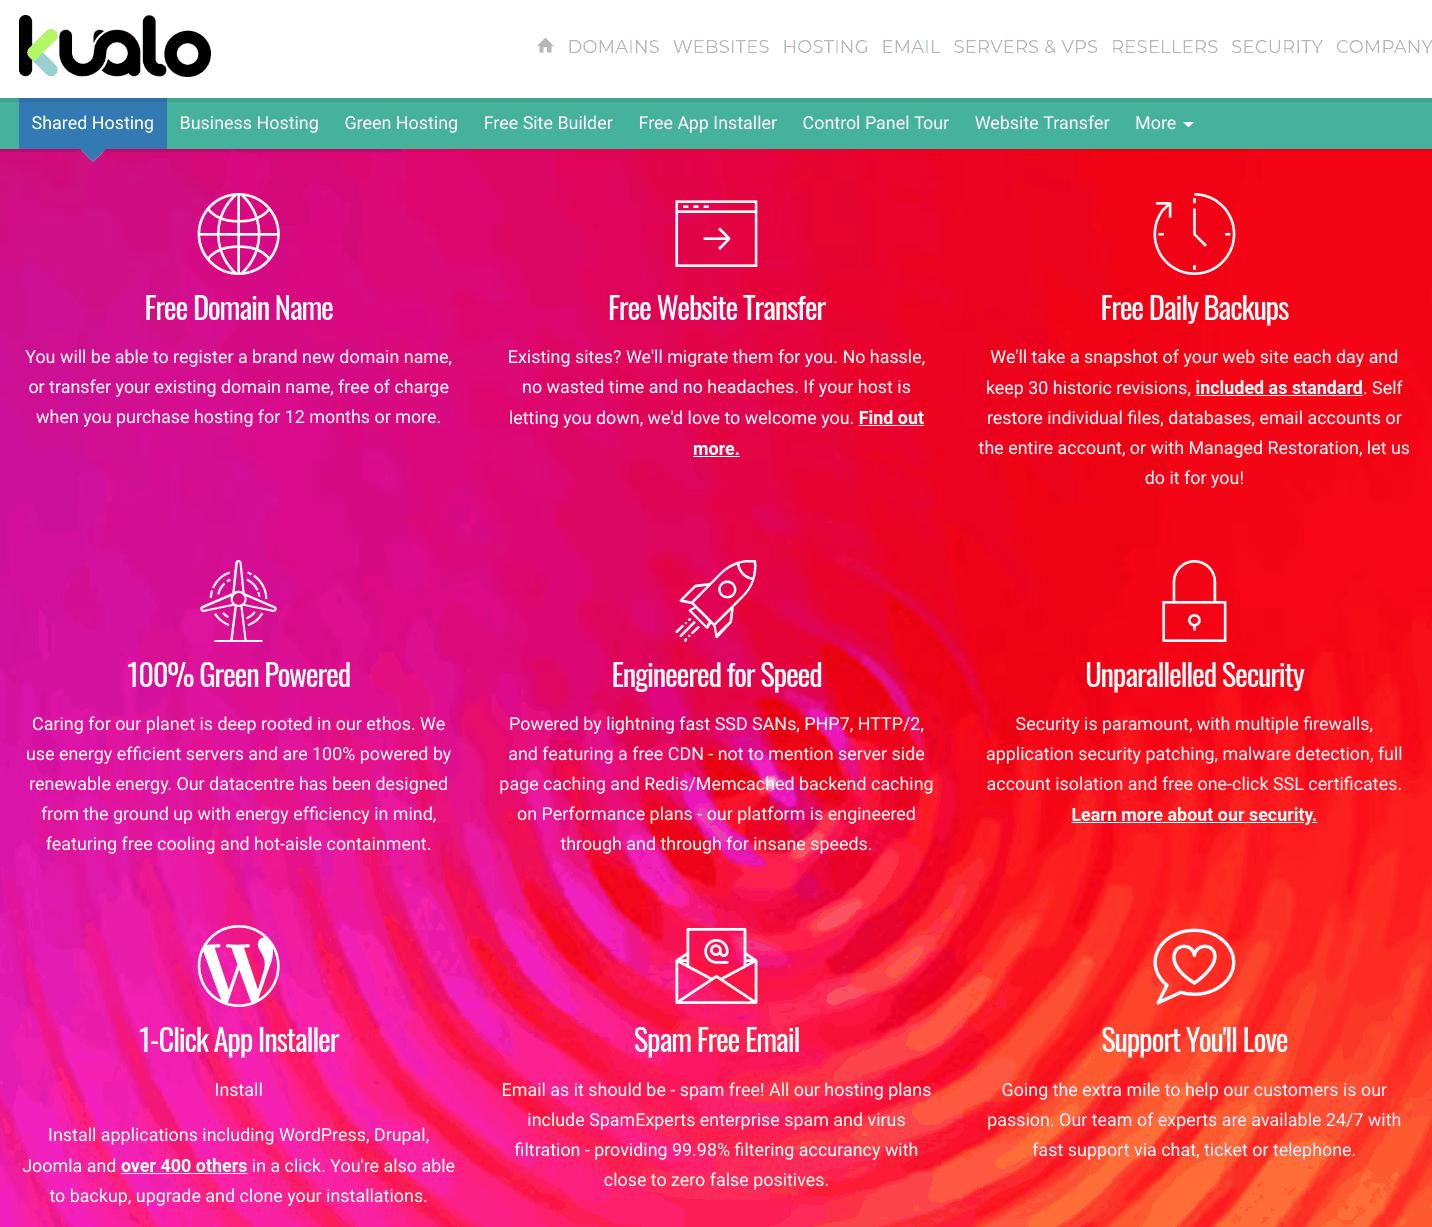 Kualo-overview1